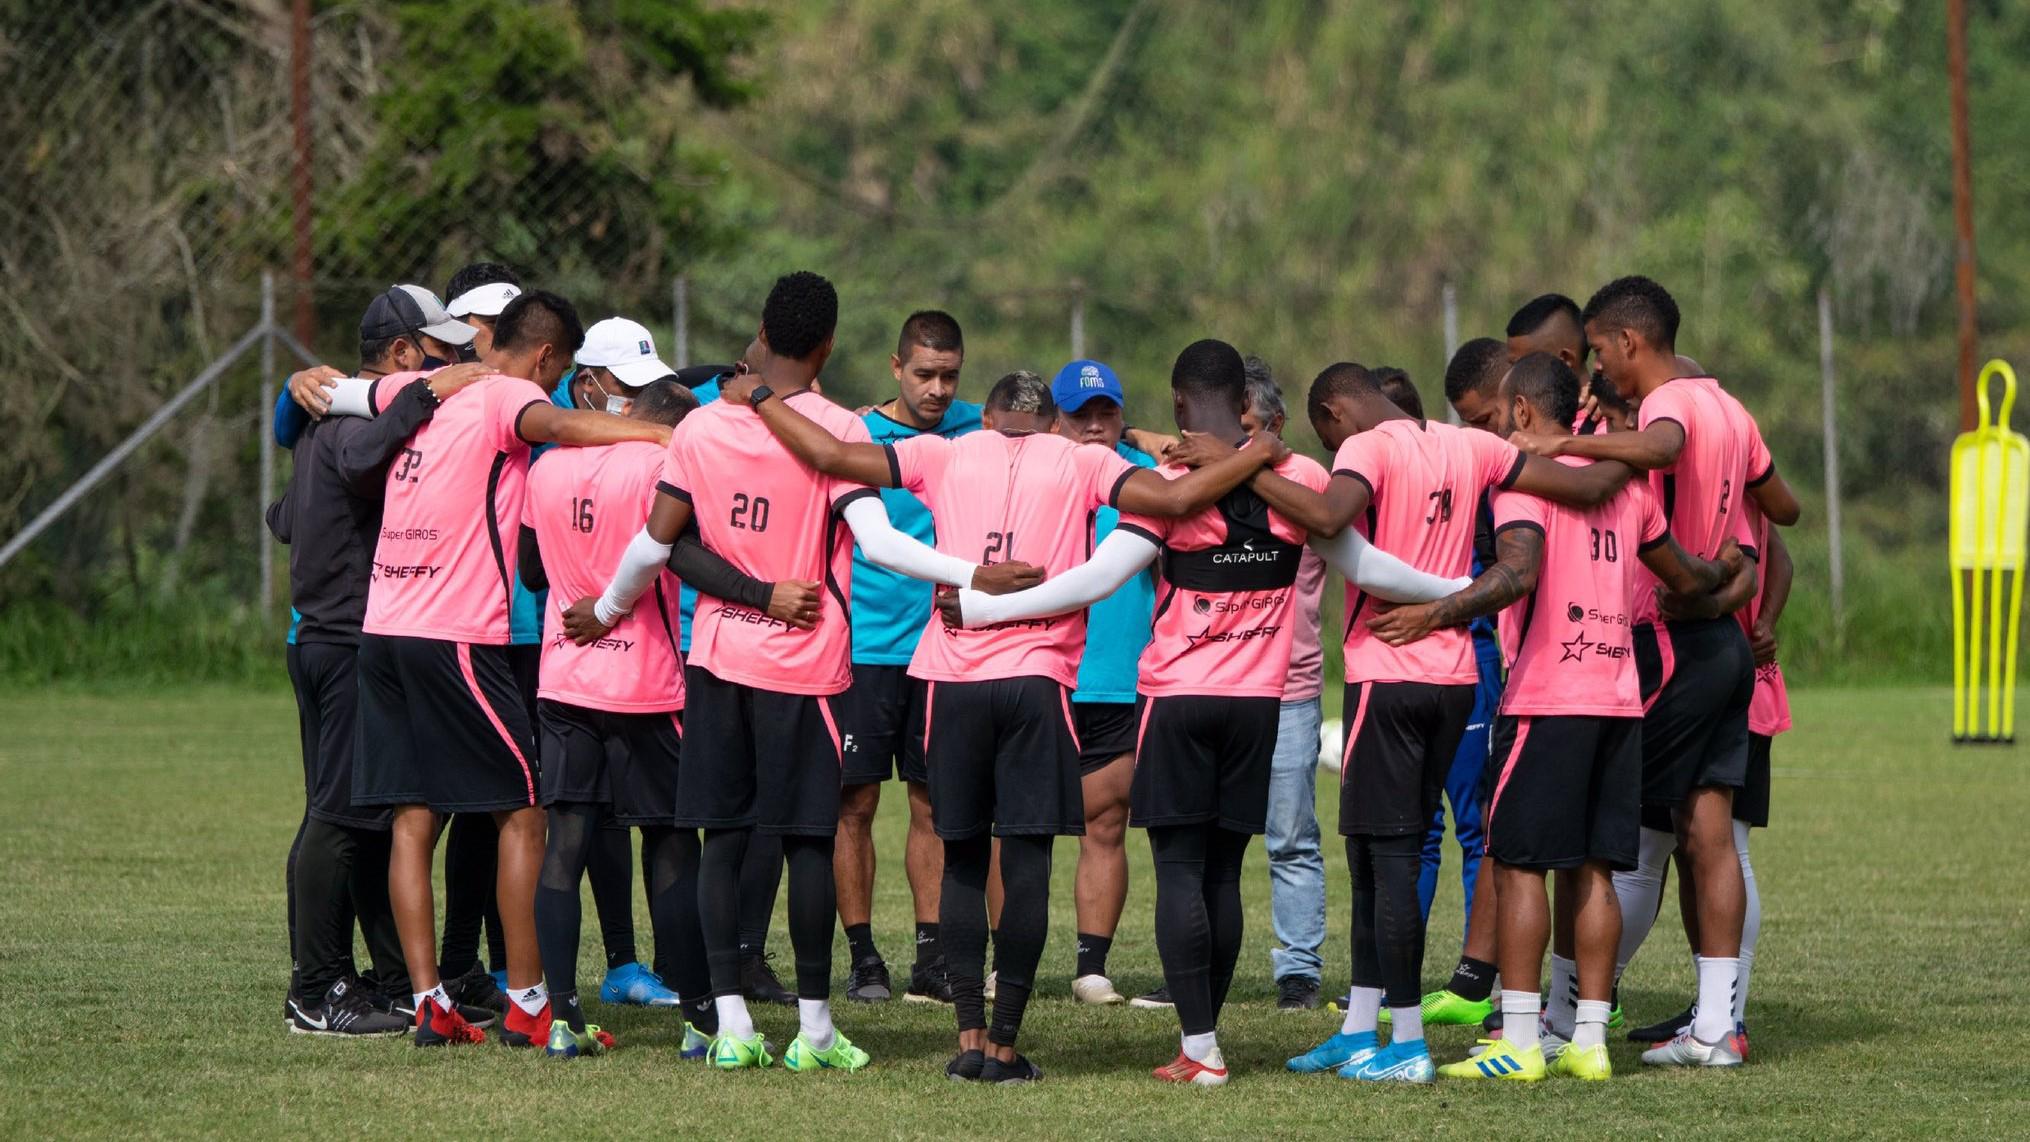 Once-Caldas-vs-Bucaramanga-Pretemporada-Once-Caldas-Casa-Blanca-OC